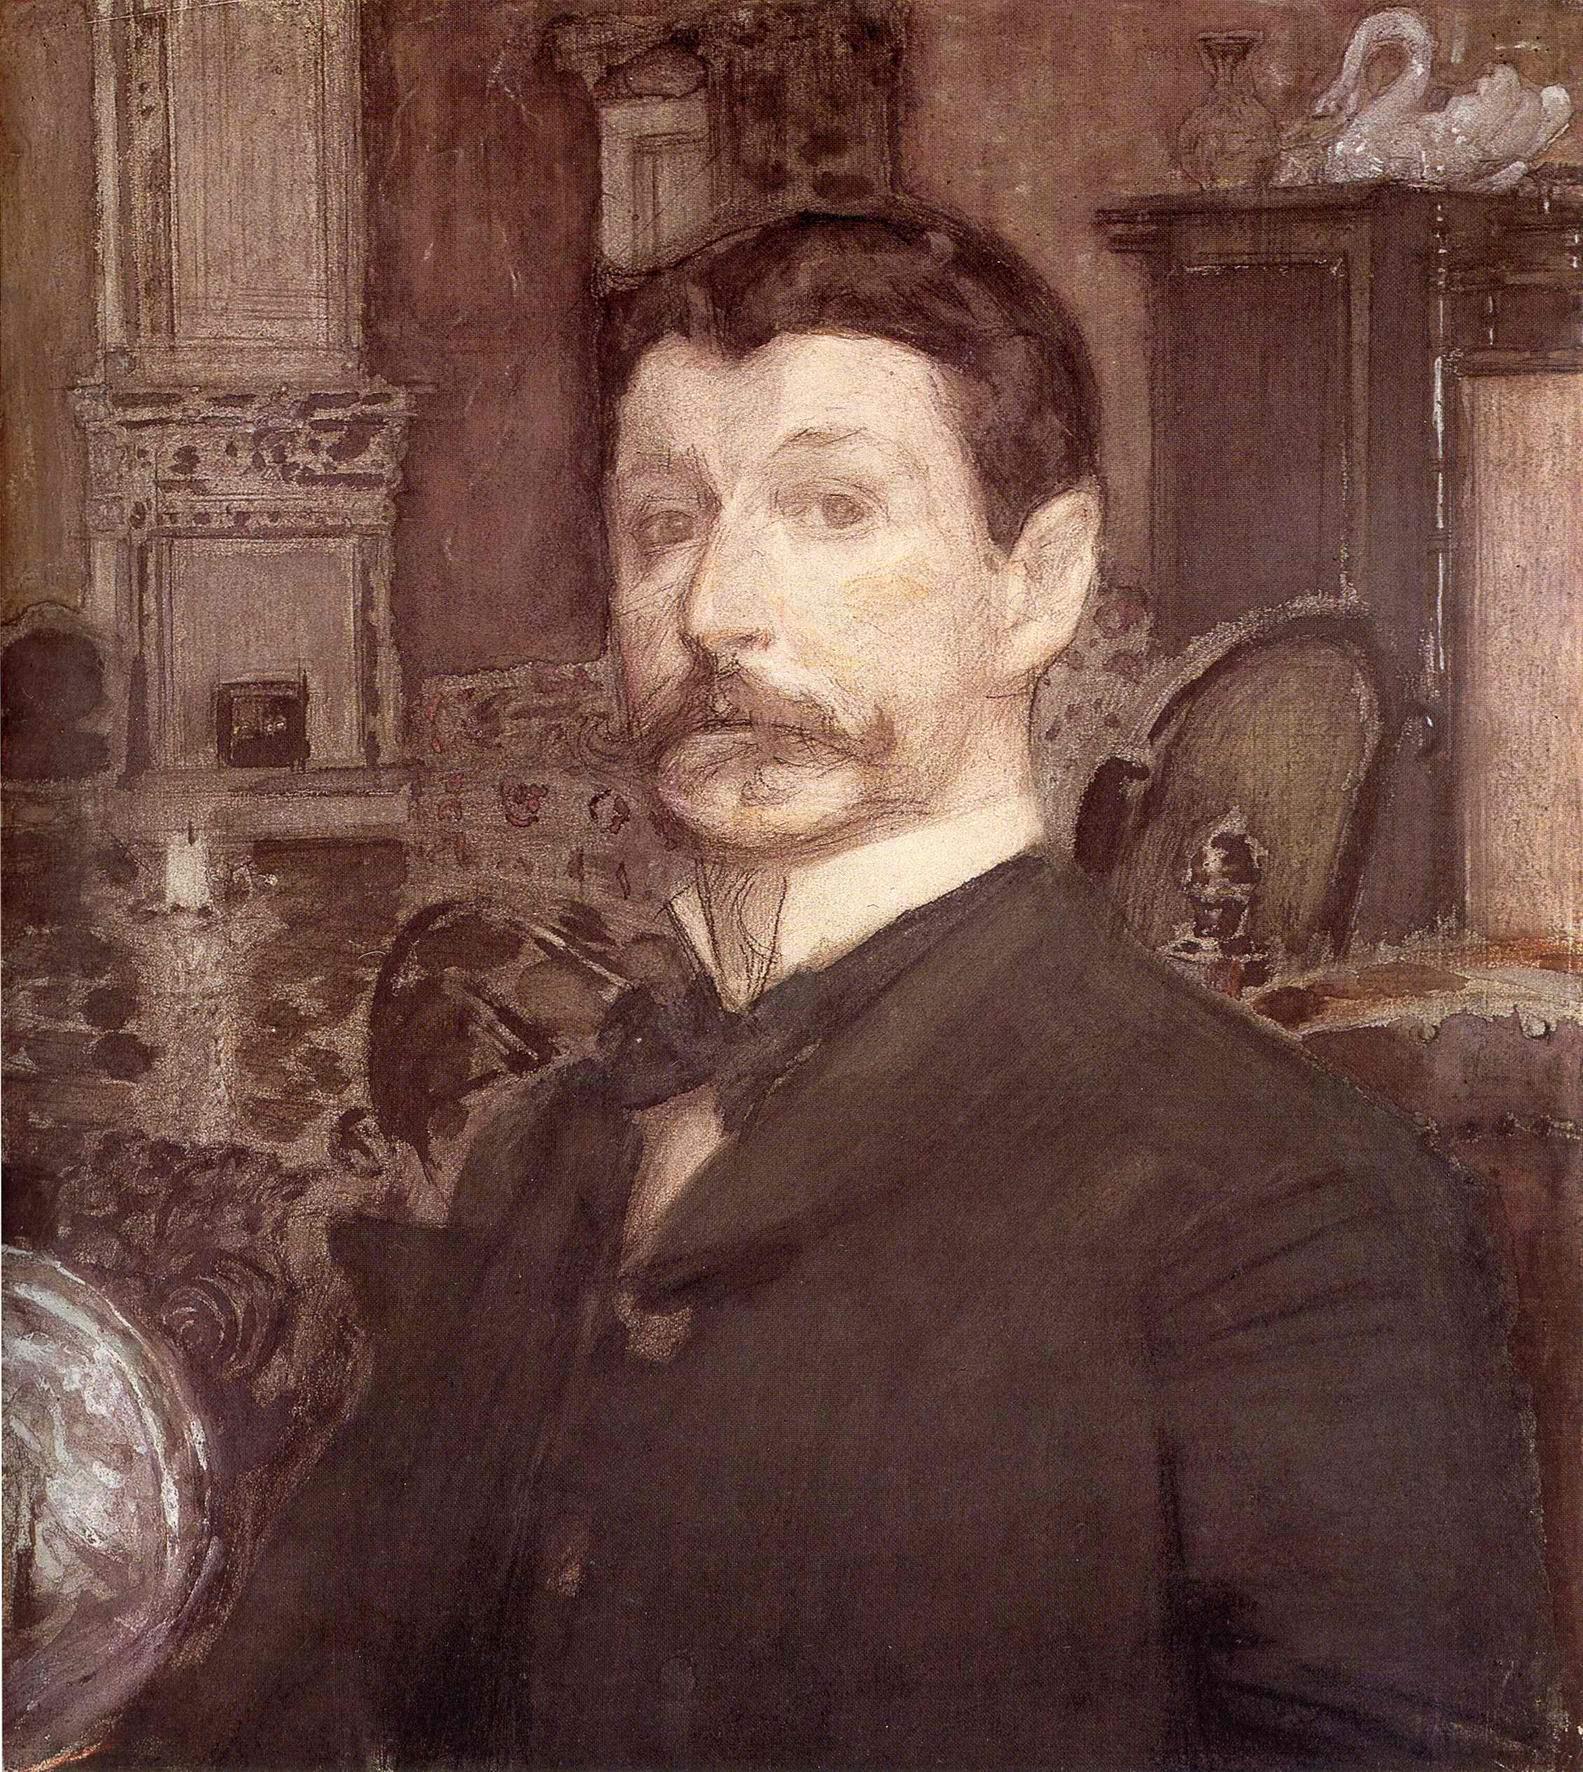 Автопортрет с жемчужной раковиной, Врубель Михаил Александрович